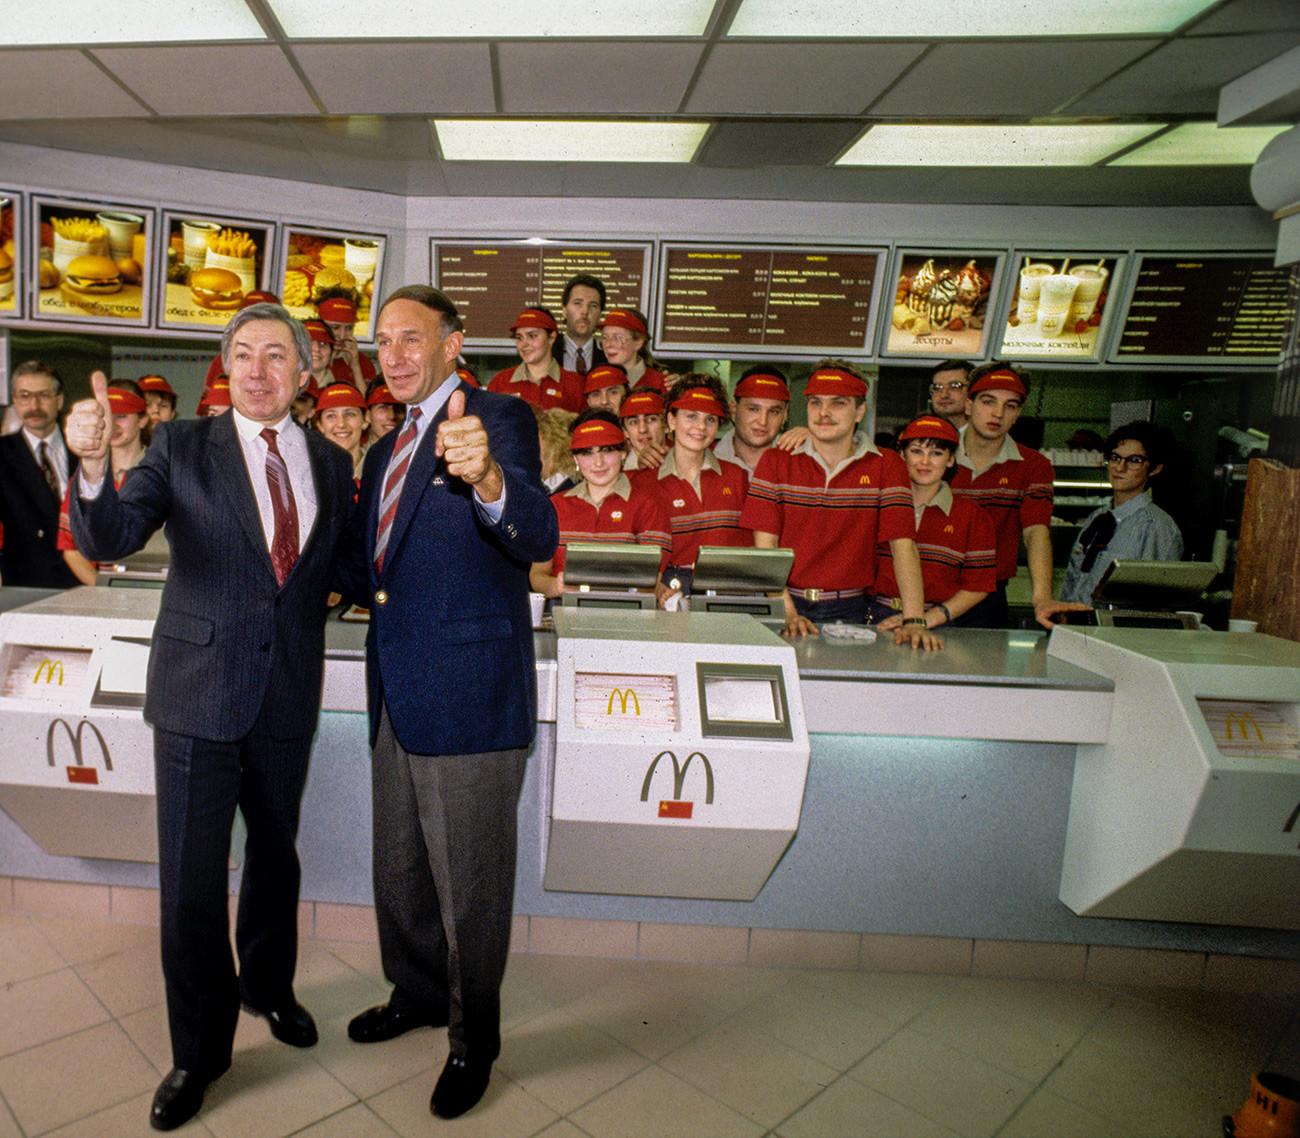 Владимир Малышков (слева), руководитель совместного советско-канадского ресторана «Макдоналдс», председатель правления, и Джордж А. Кохон, заместитель руководителя ресторана «Макдоналдс».